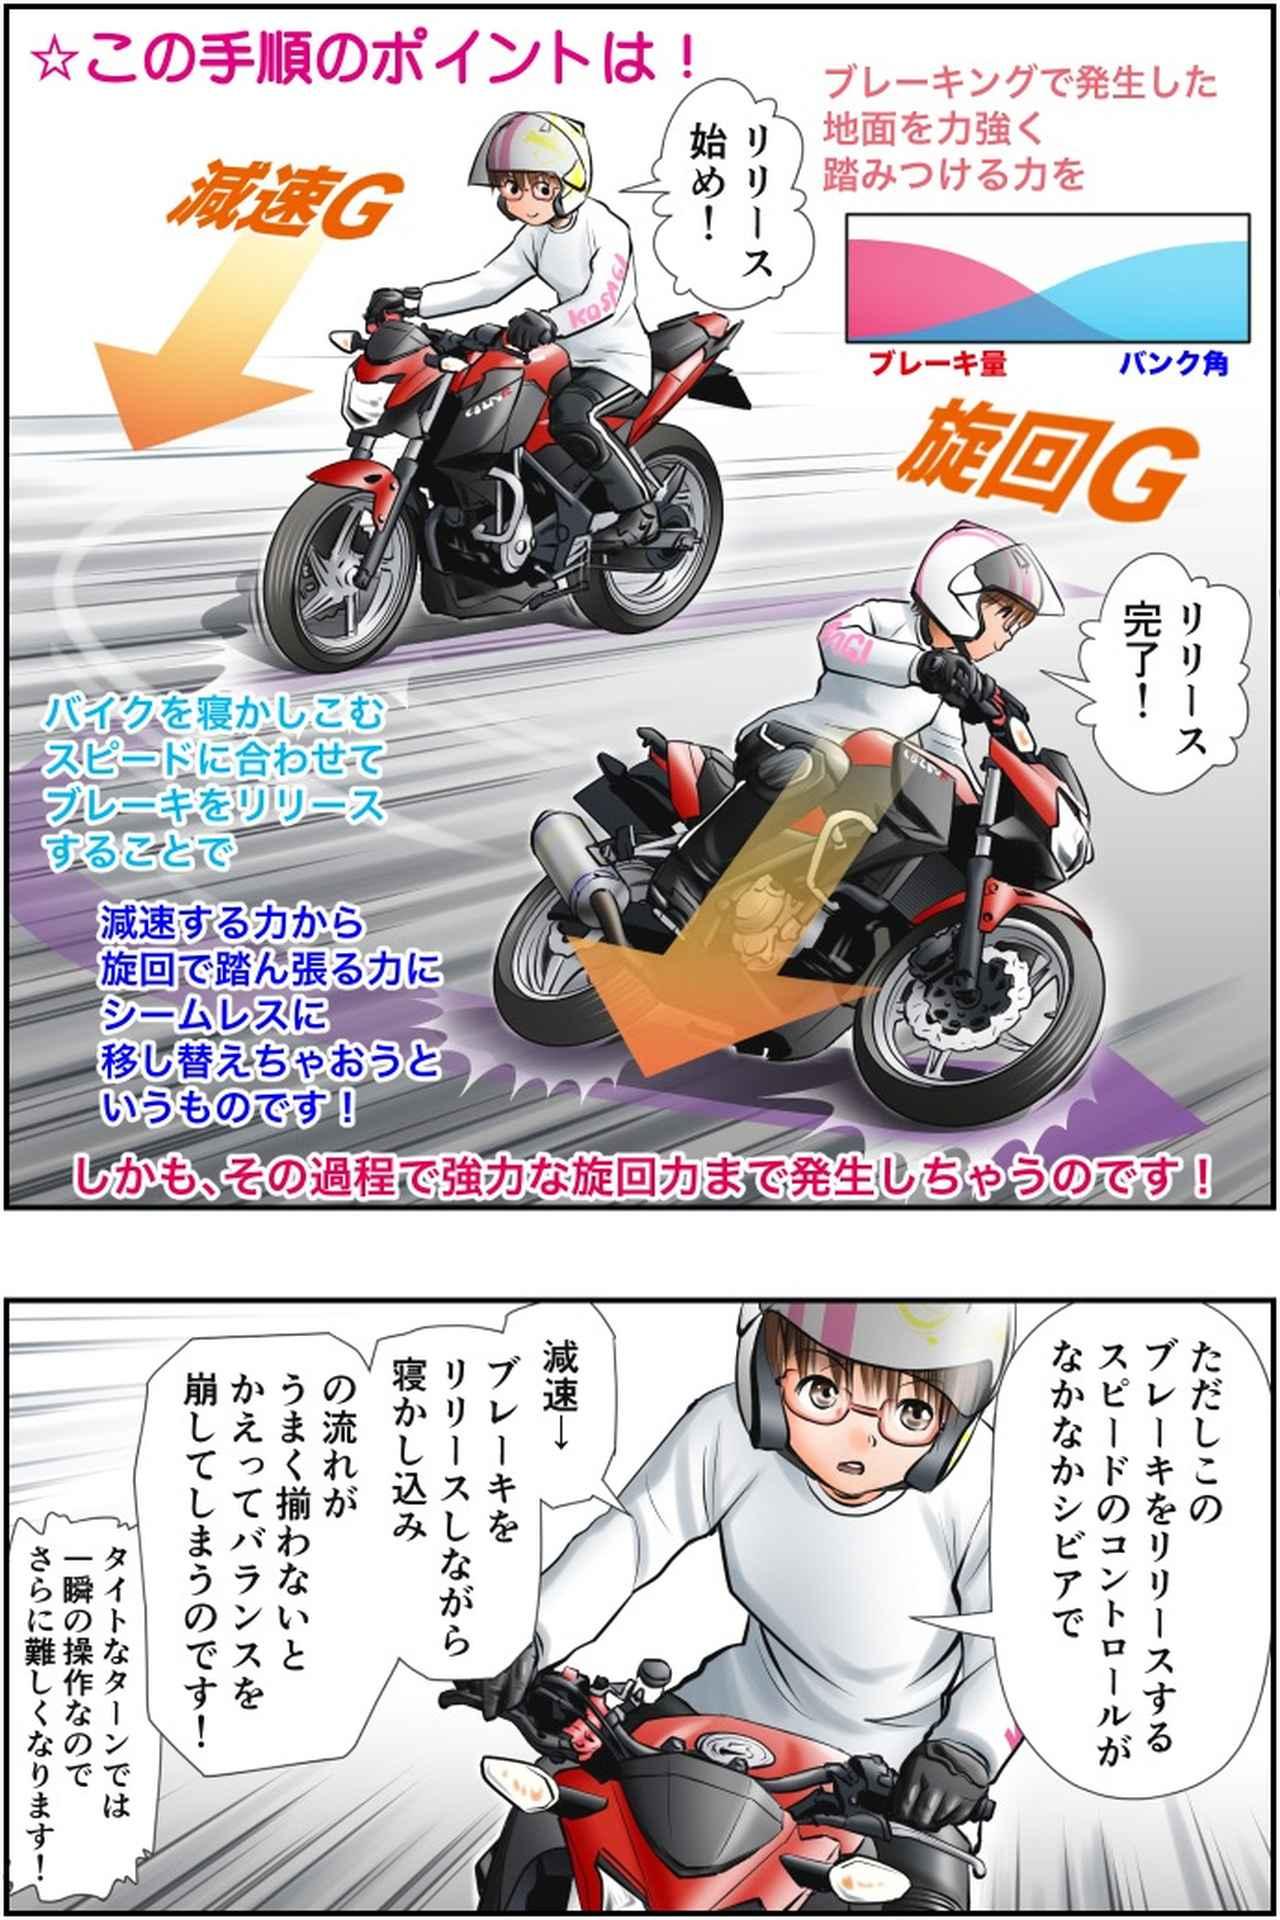 画像2: Motoジム! おまけのコーナー (ブレーキリリースで変わるターンイン!)  作・ばどみゅーみん